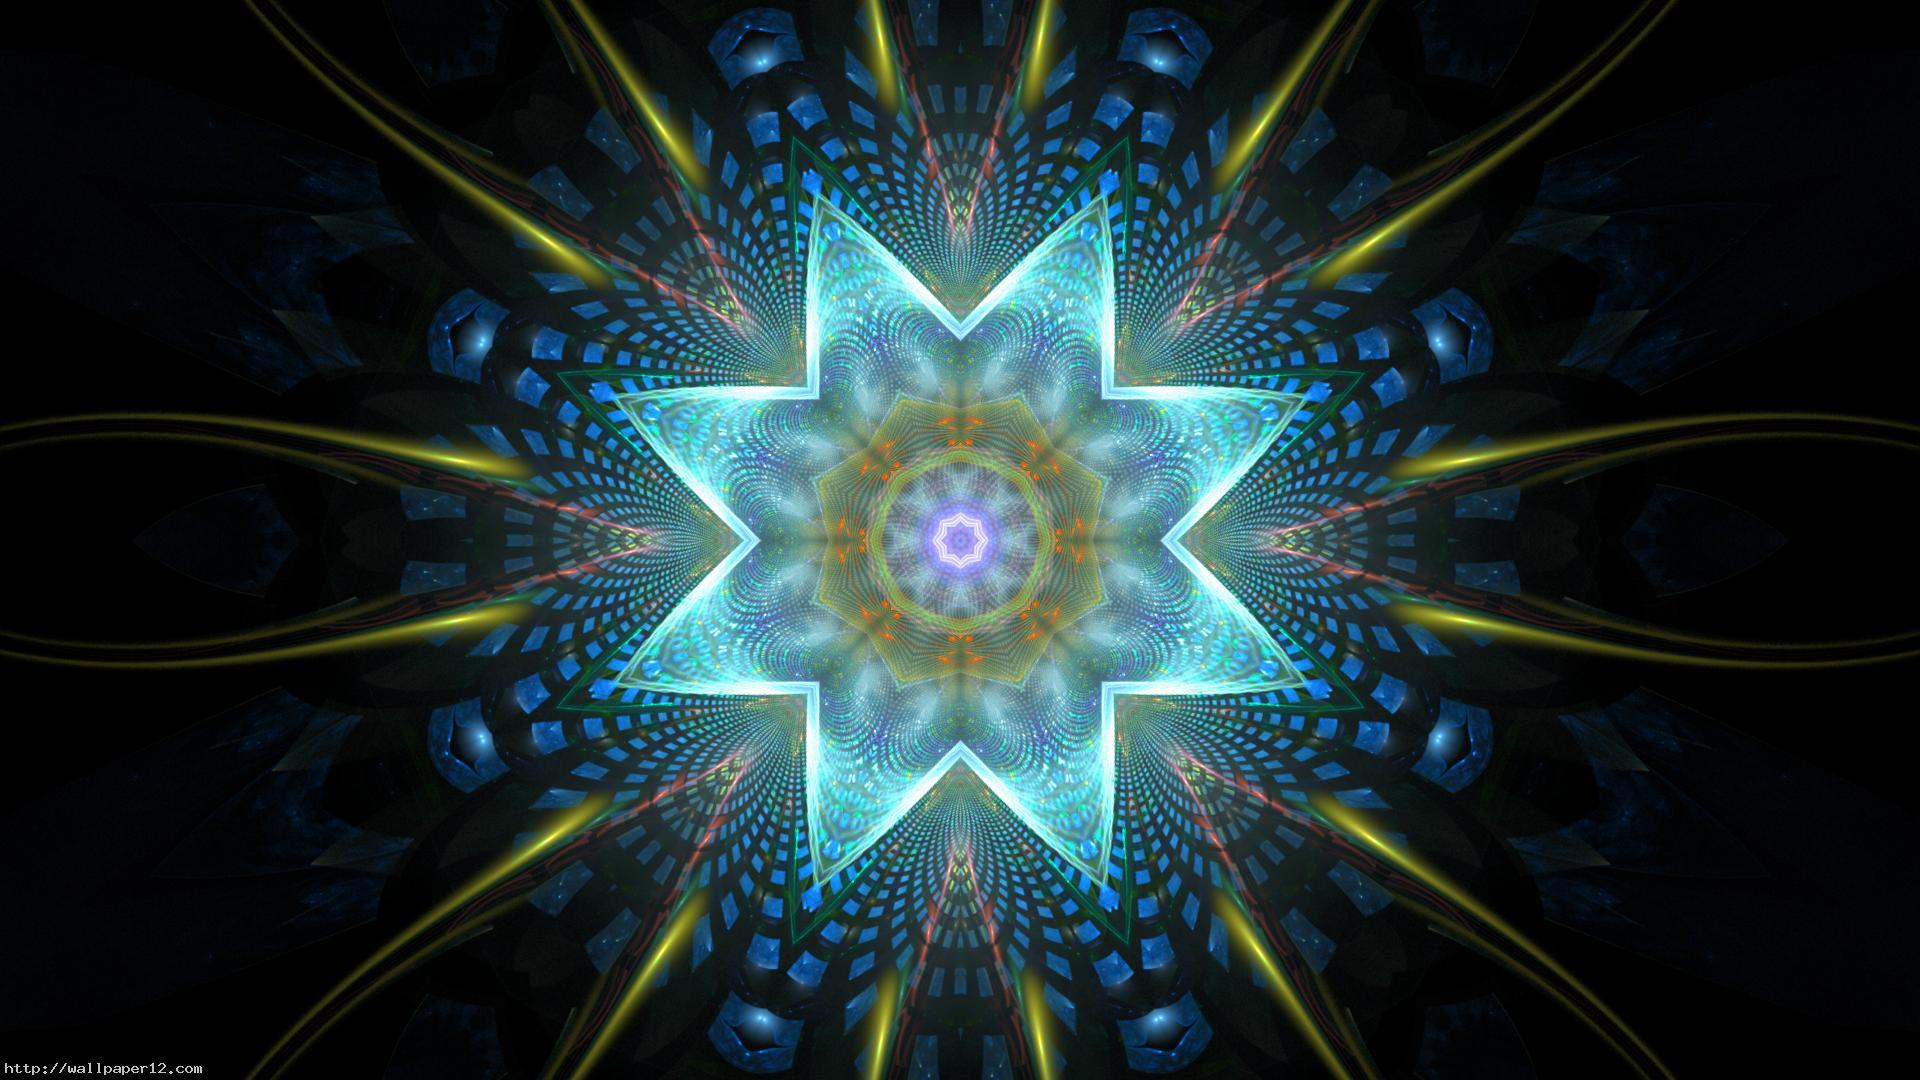 Hd Autumn Desktop Wallpaper Fondos De Pantalla De Mandalas Wallpapers